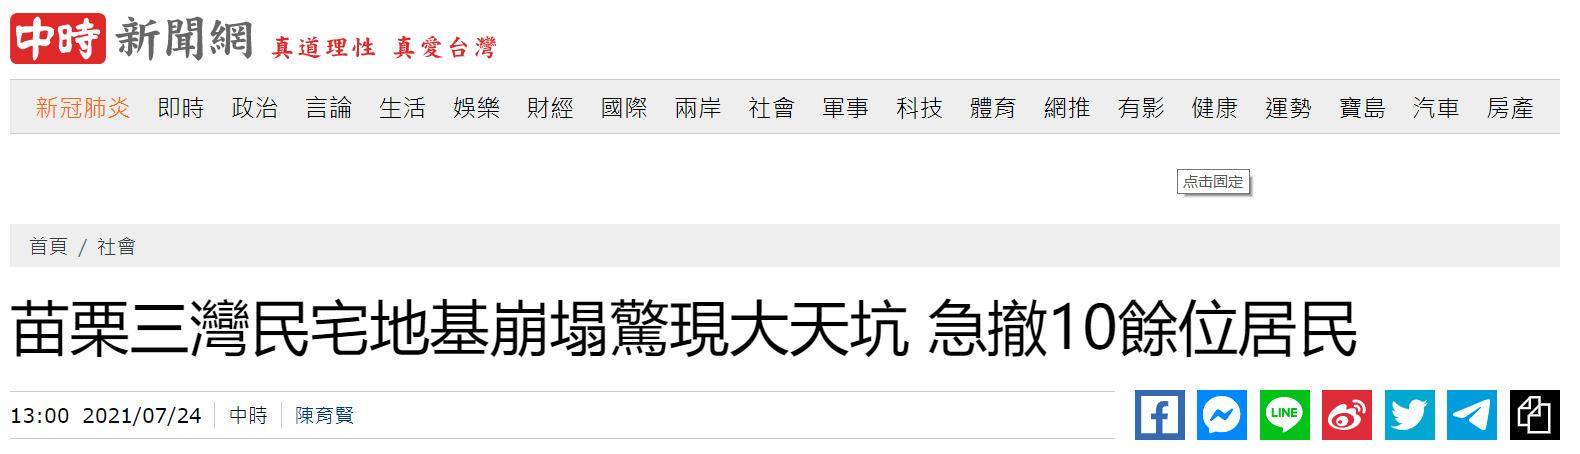 """台灣苗栗三灣民宅地基崩塌惊現""""大天坑"""",10多名居民緊急撤離"""